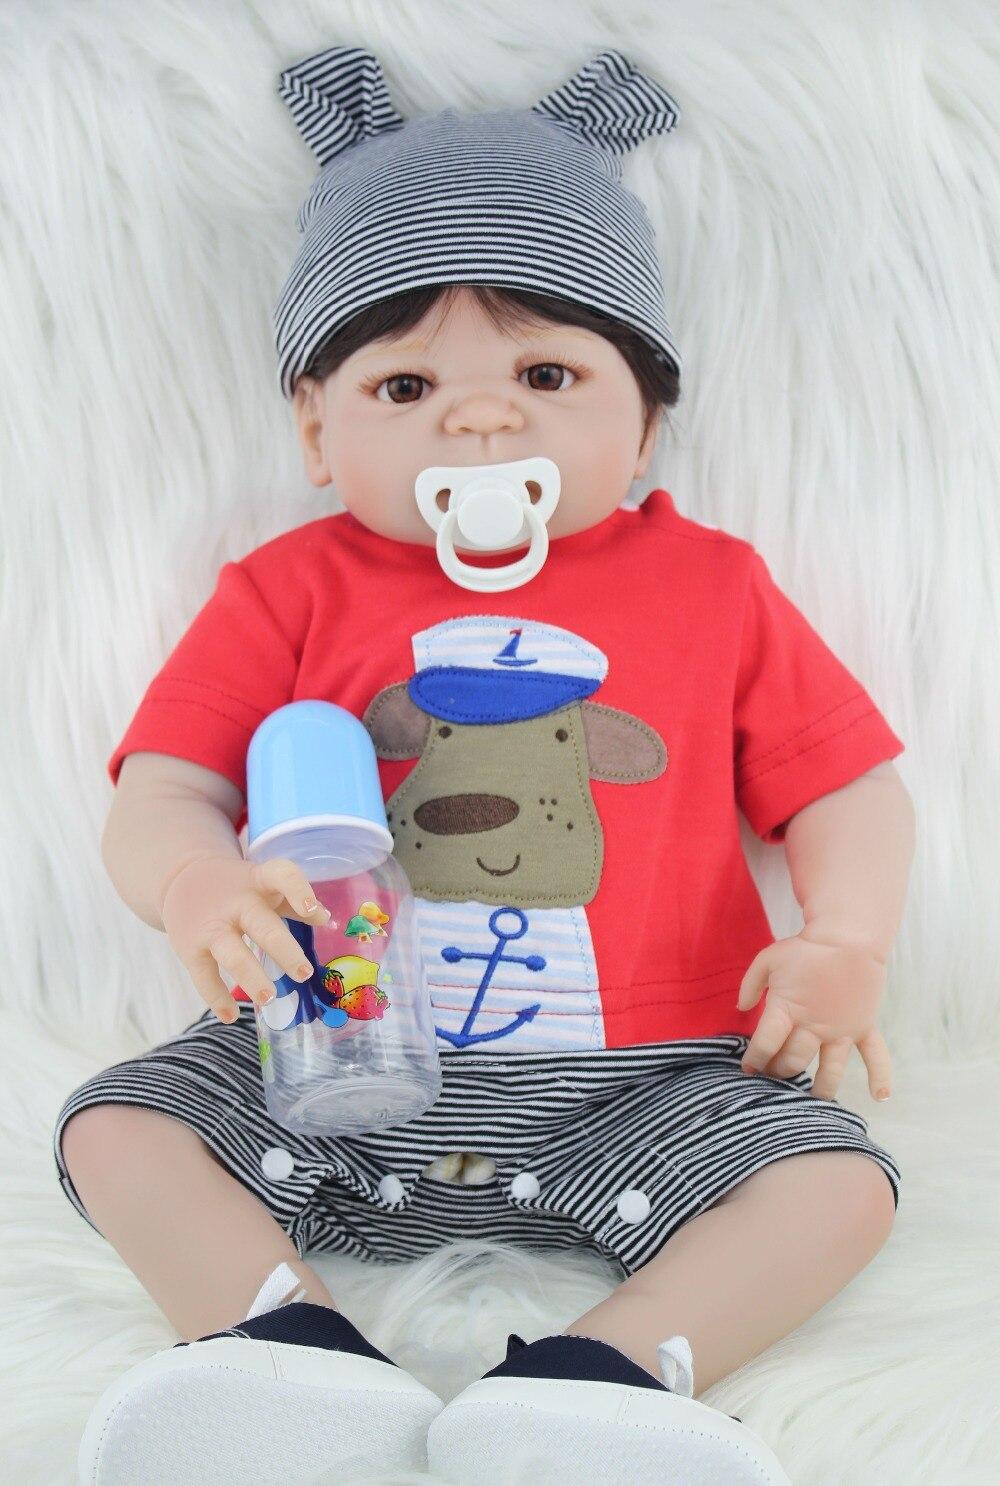 NPKCOLLECTION полный силикона Reborn Baby Doll игрушки, реалистичные 55 см для новорожденных мальчиков младенцев кукла прекрасный Birt hday Gif t для девушка ку...